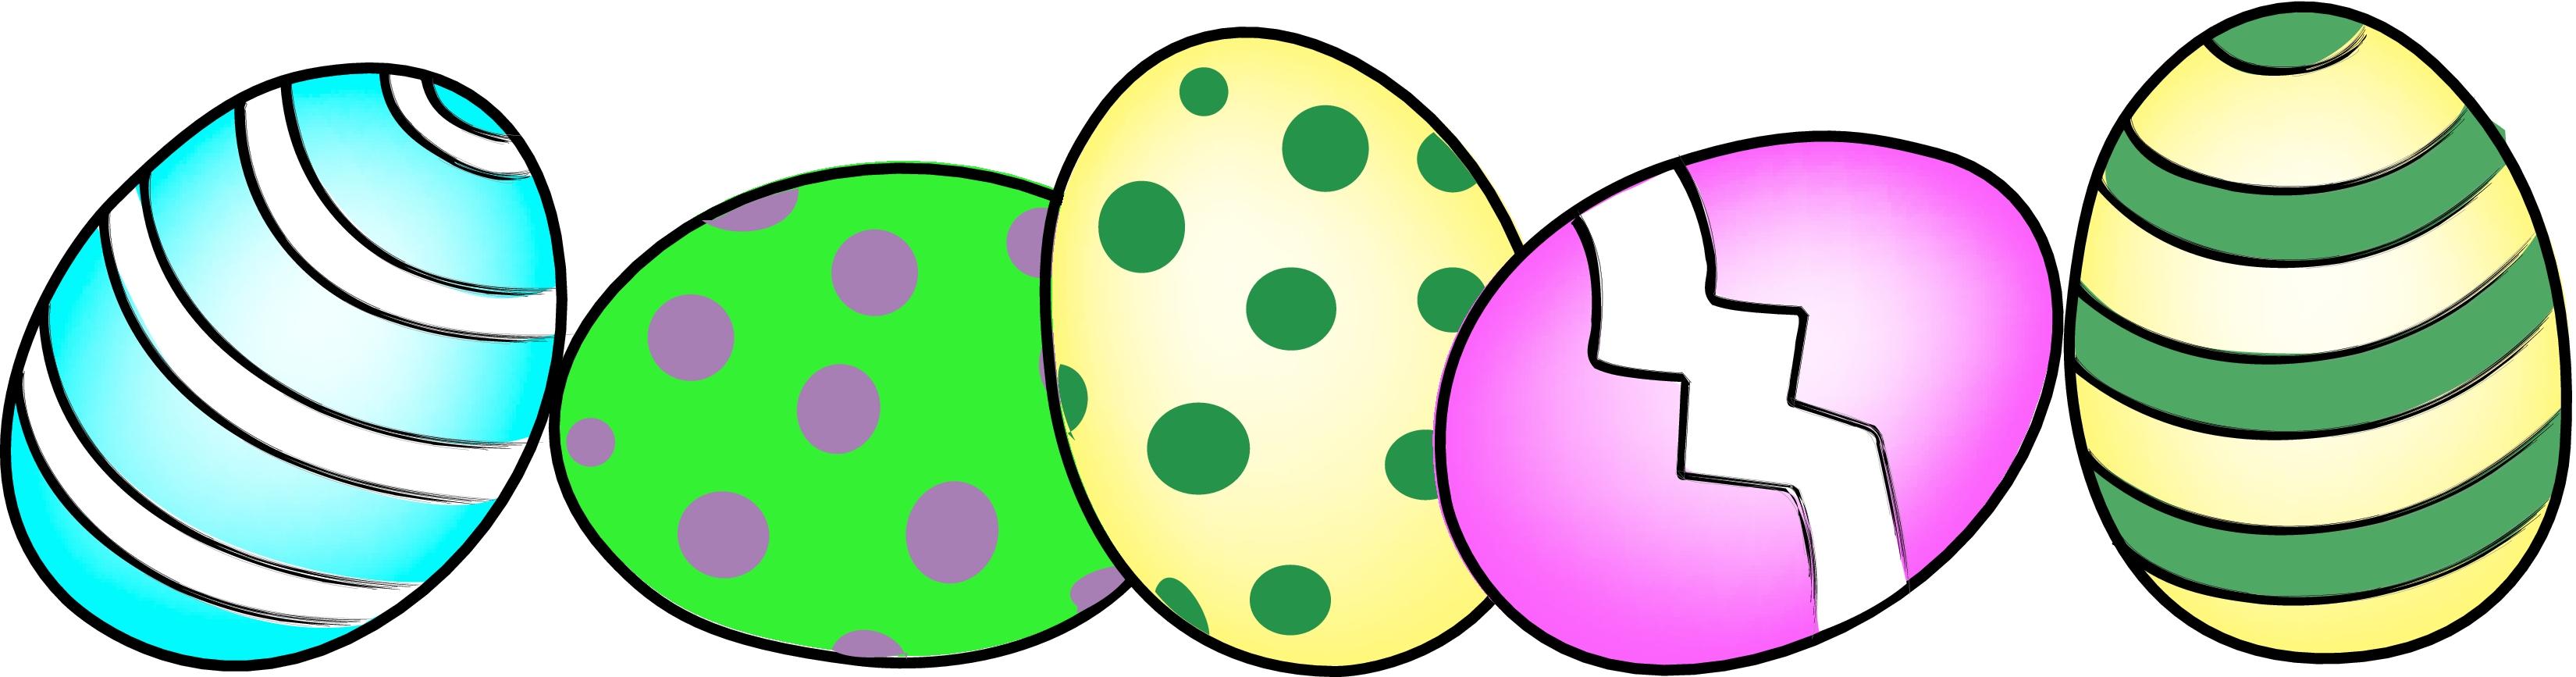 easter egg clipart - Free Easter Egg Clip Art